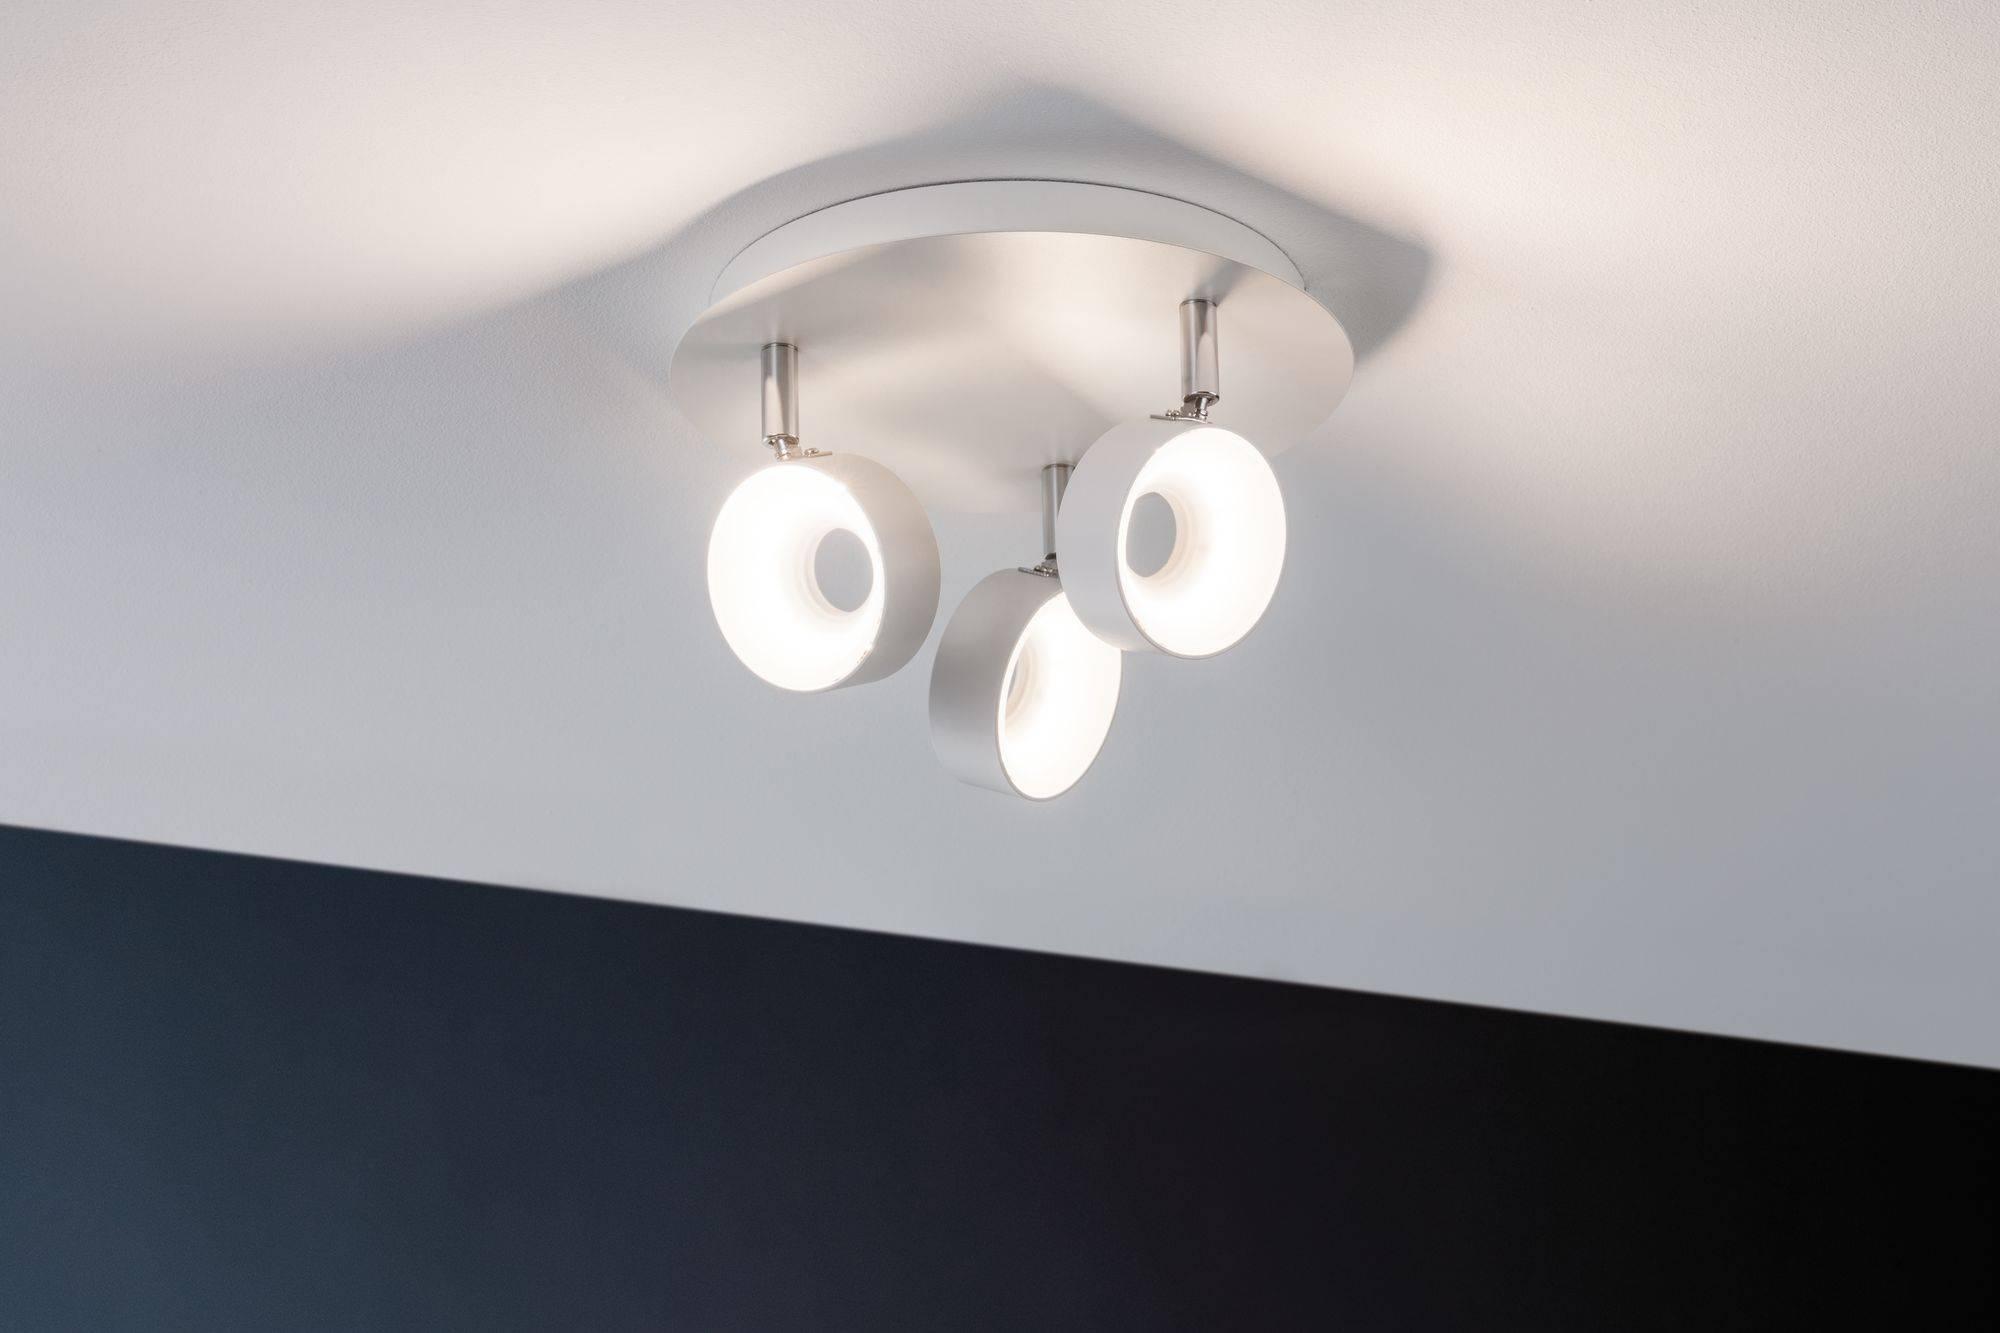 Faretti Led Da Soffitto : Faretto led da soffitto w bianco caldo paulmann funnel